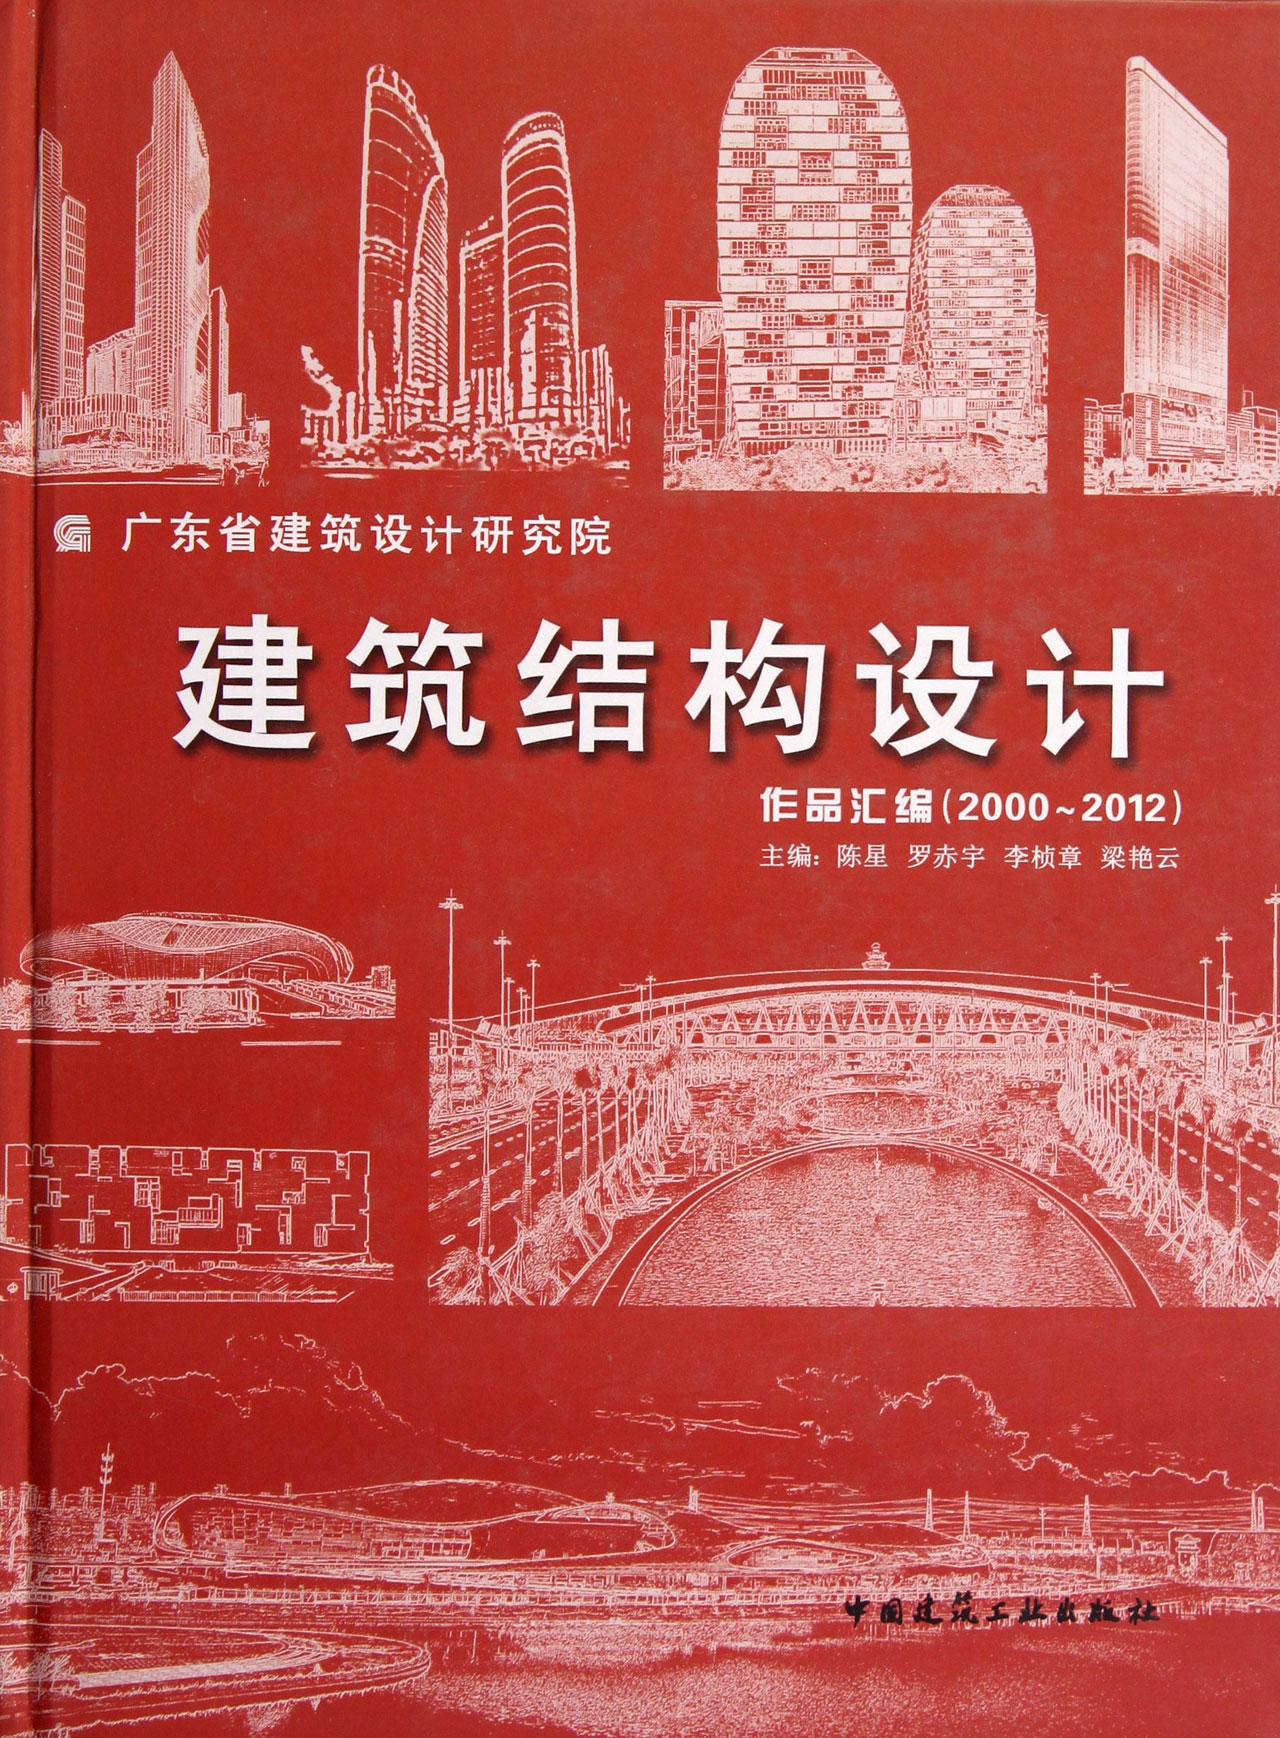 广东省建筑设计研究院建筑结构设计作品汇编(2000-)